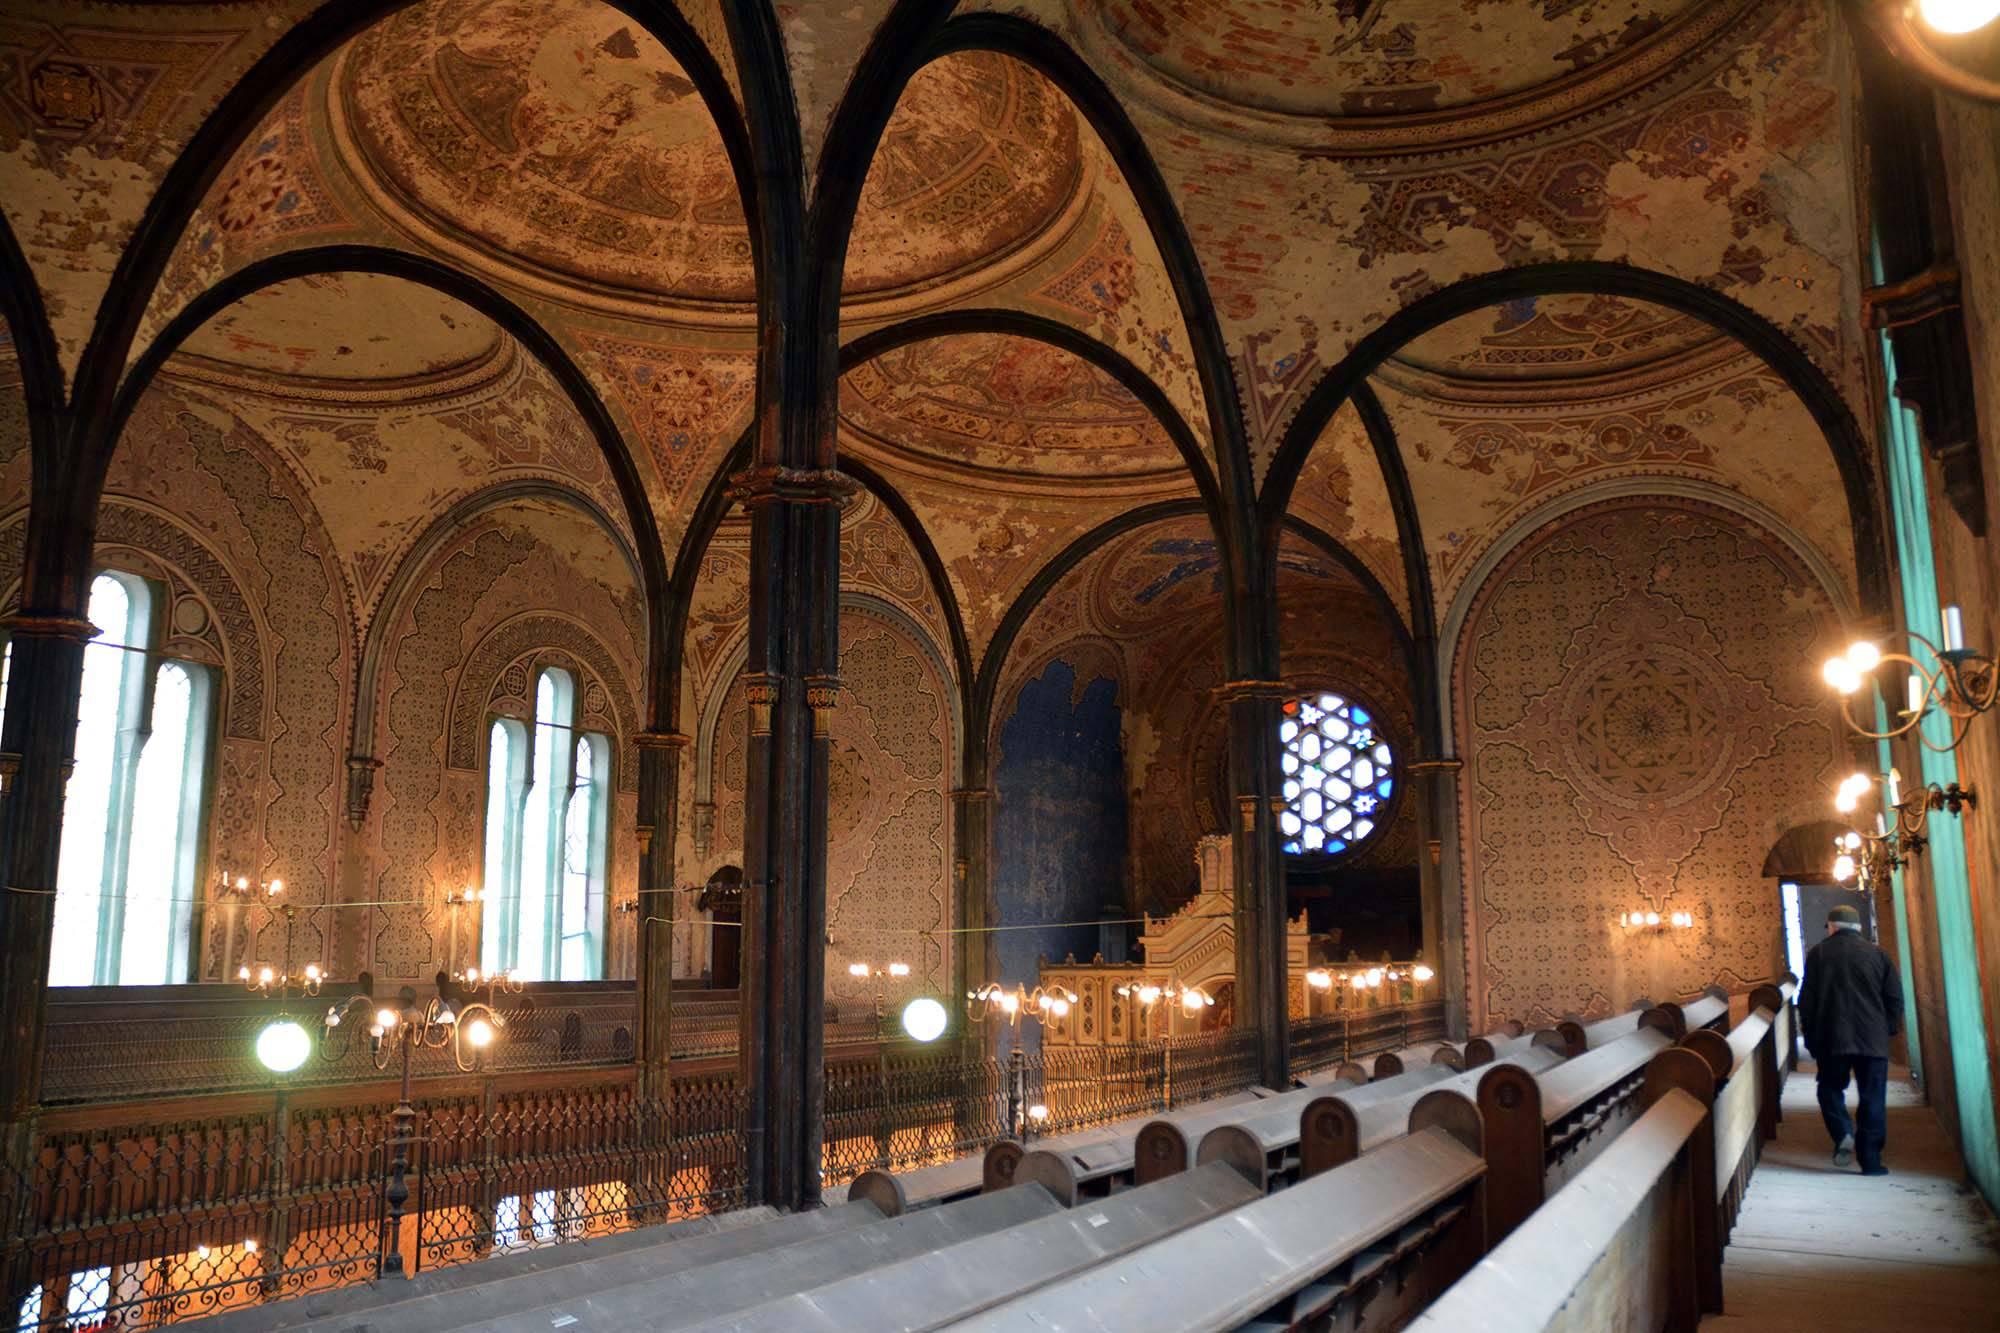 zsinagoga3.jpeg